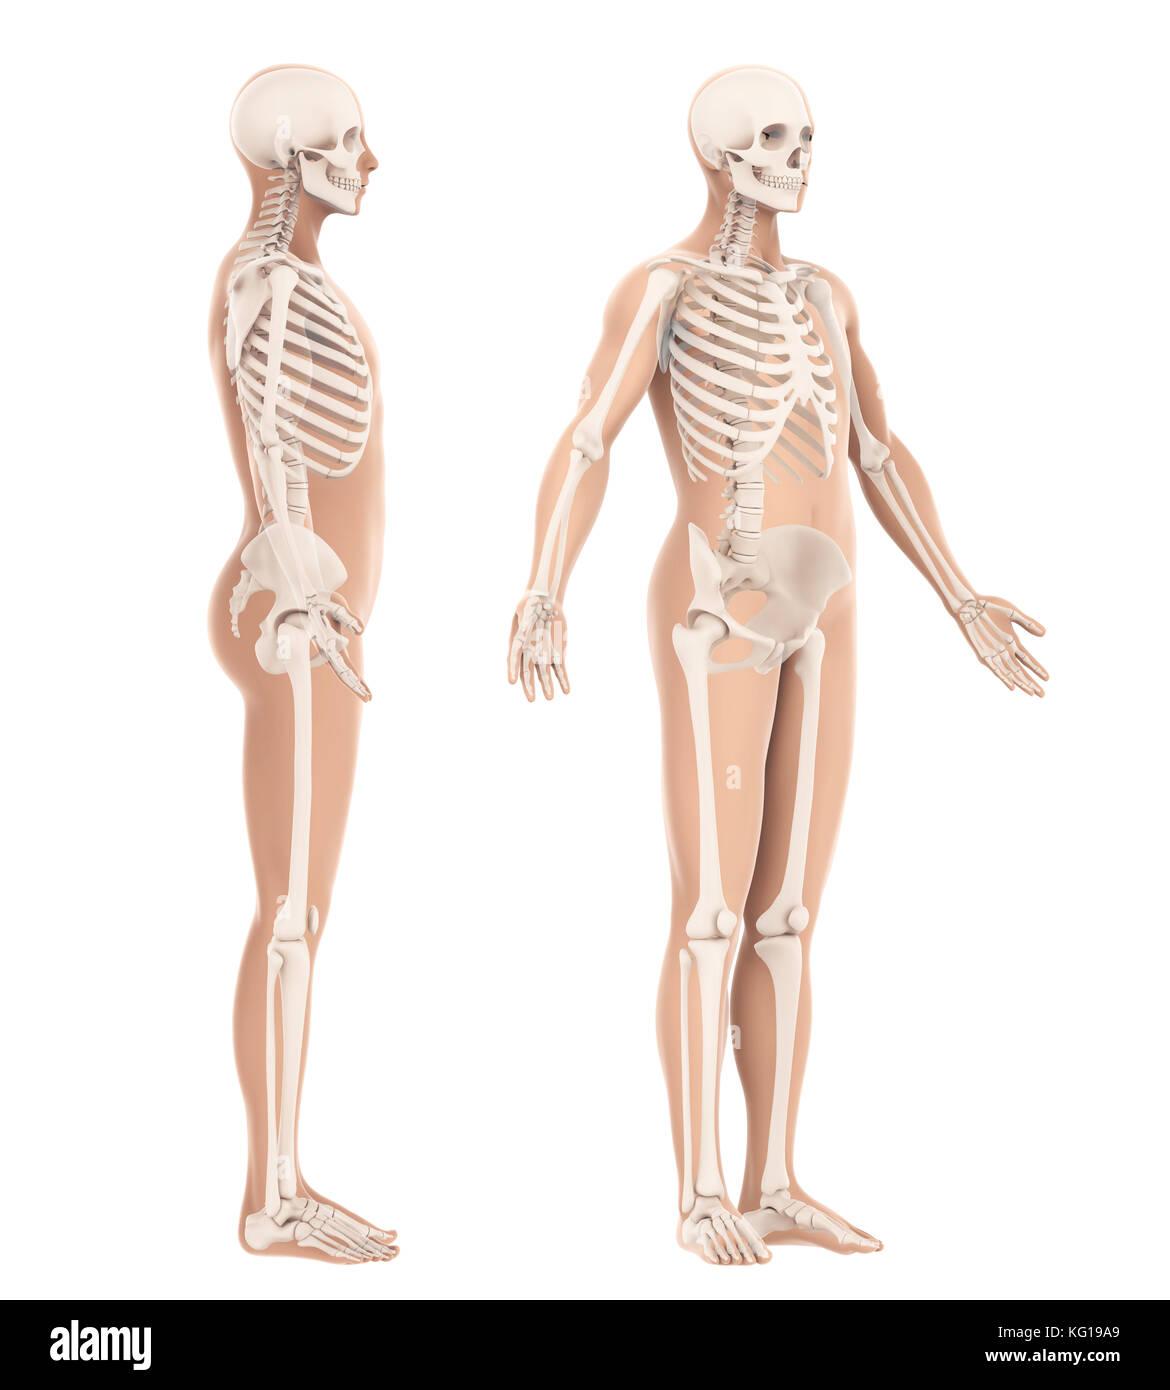 Charmant Skelett Anatomie Galerie - Menschliche Anatomie Bilder ...